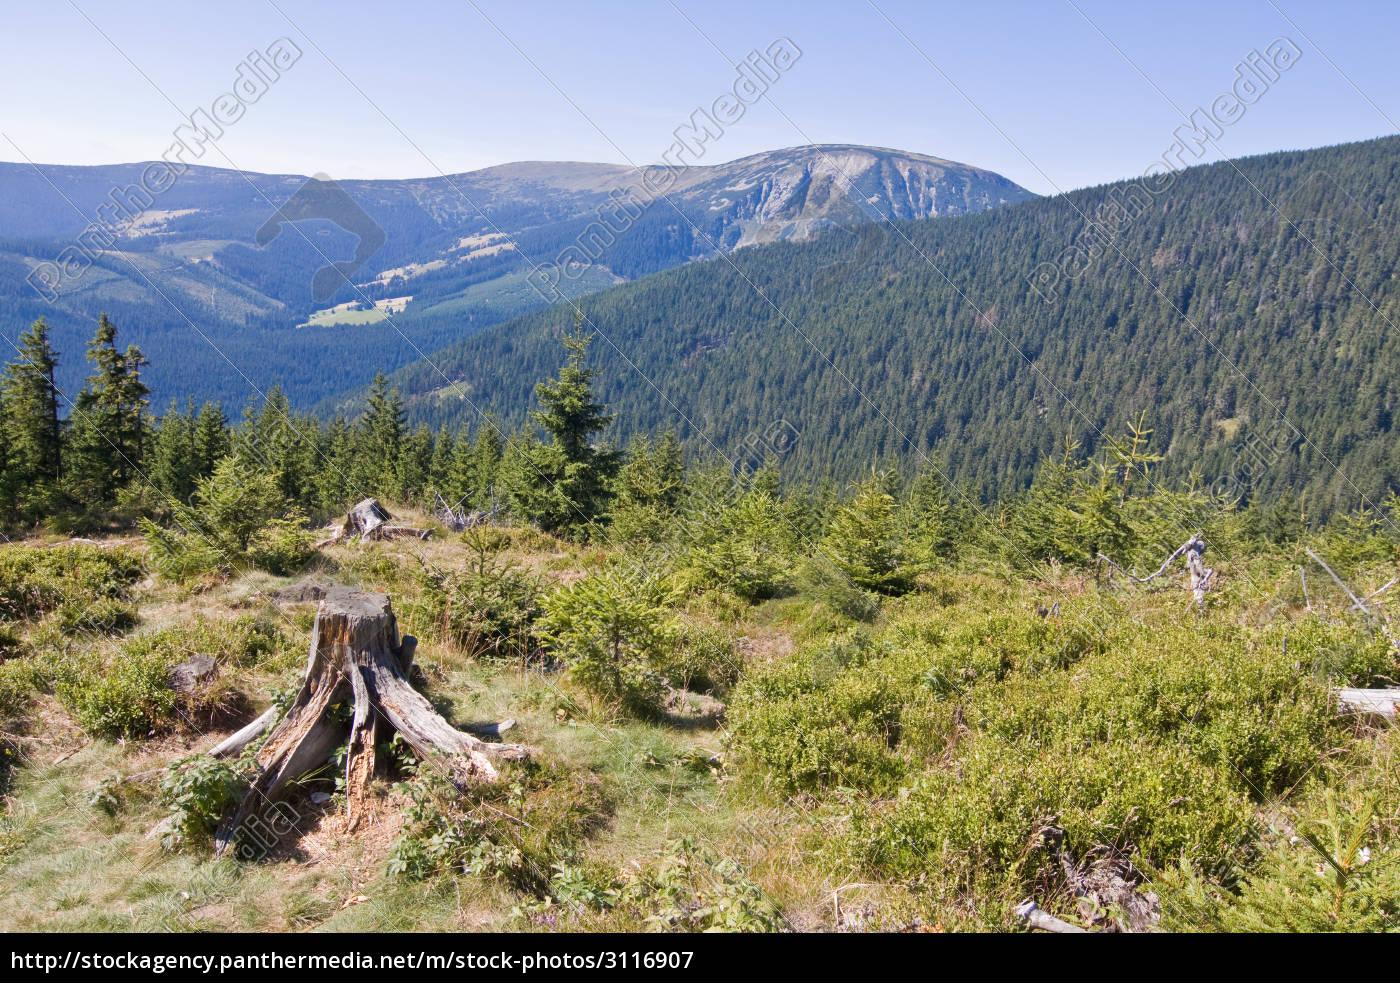 giant, mountains - 3116907